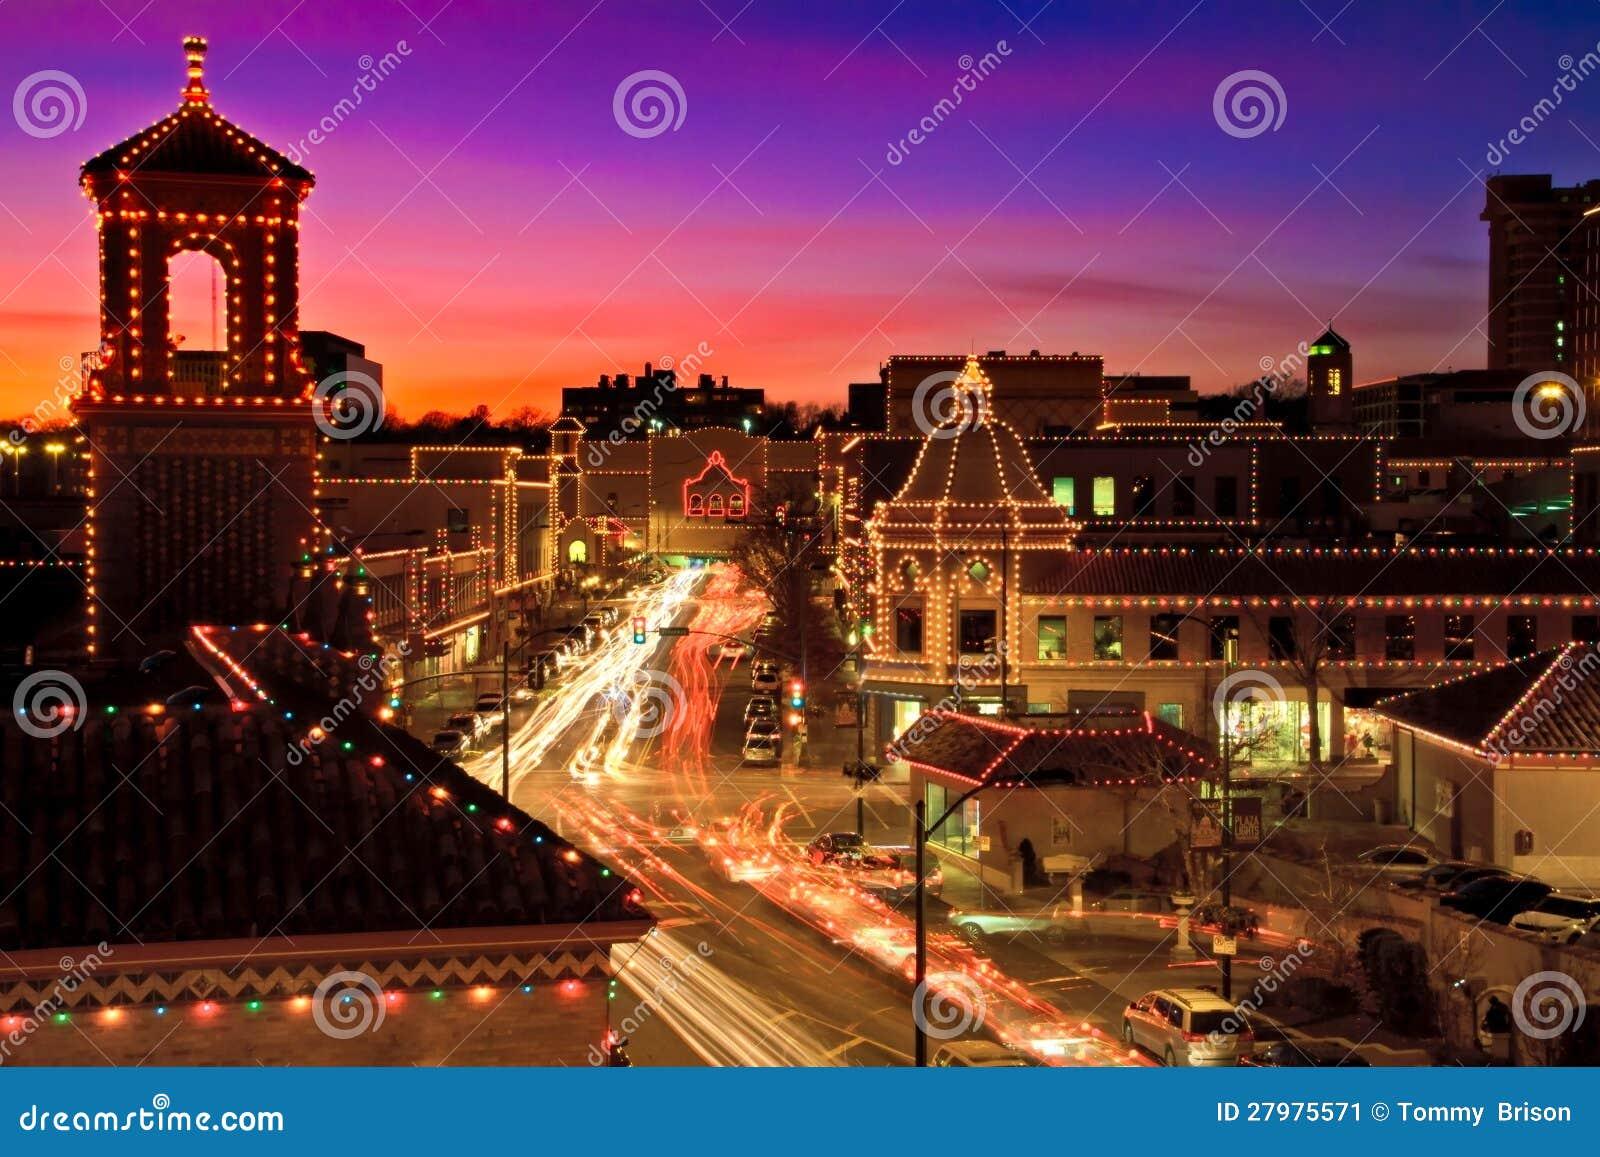 Kansas City Plaza Christmas Lights Skyline Stock Image - Image of ...